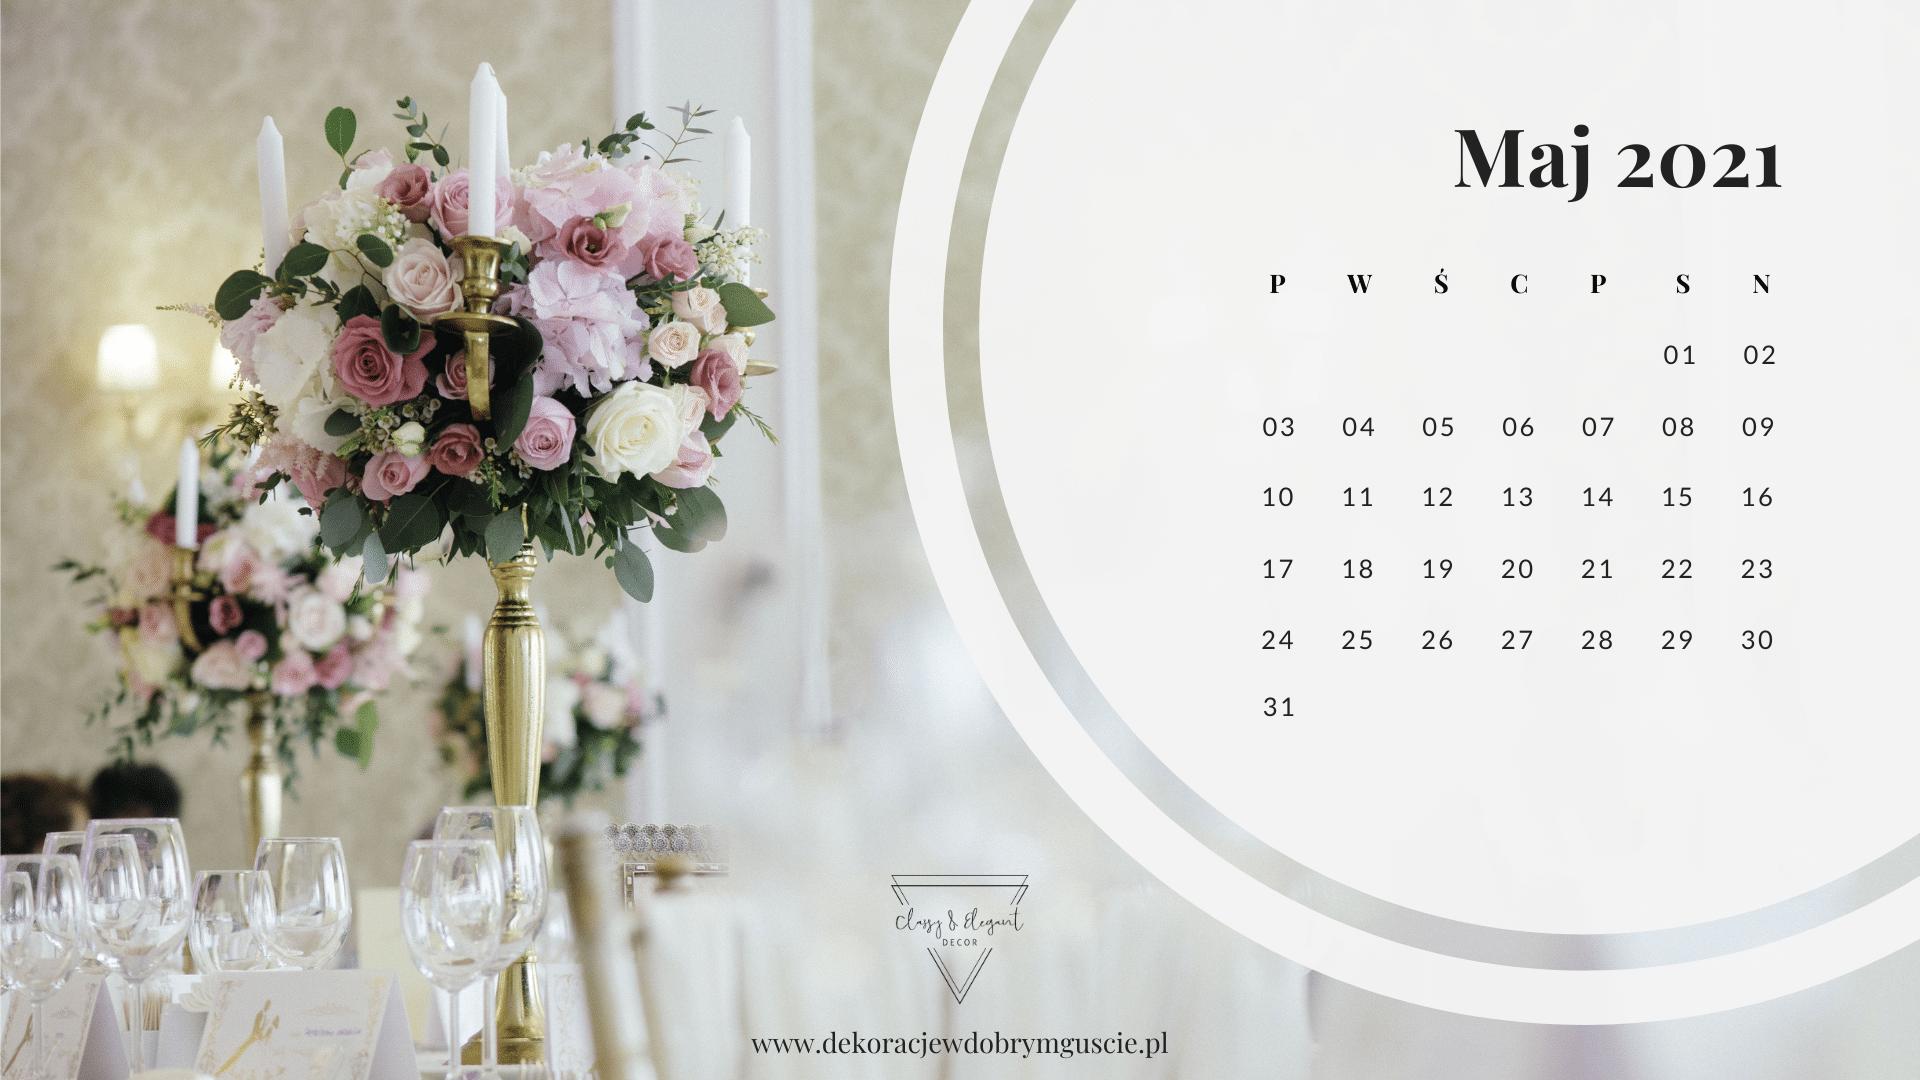 Classy_and_Elegant_Decor_dekoracje_w_dobrym_guscie_szczecin_zachodniopomorskie_pobierz_za_darmo_kalendarz-Maj 2021